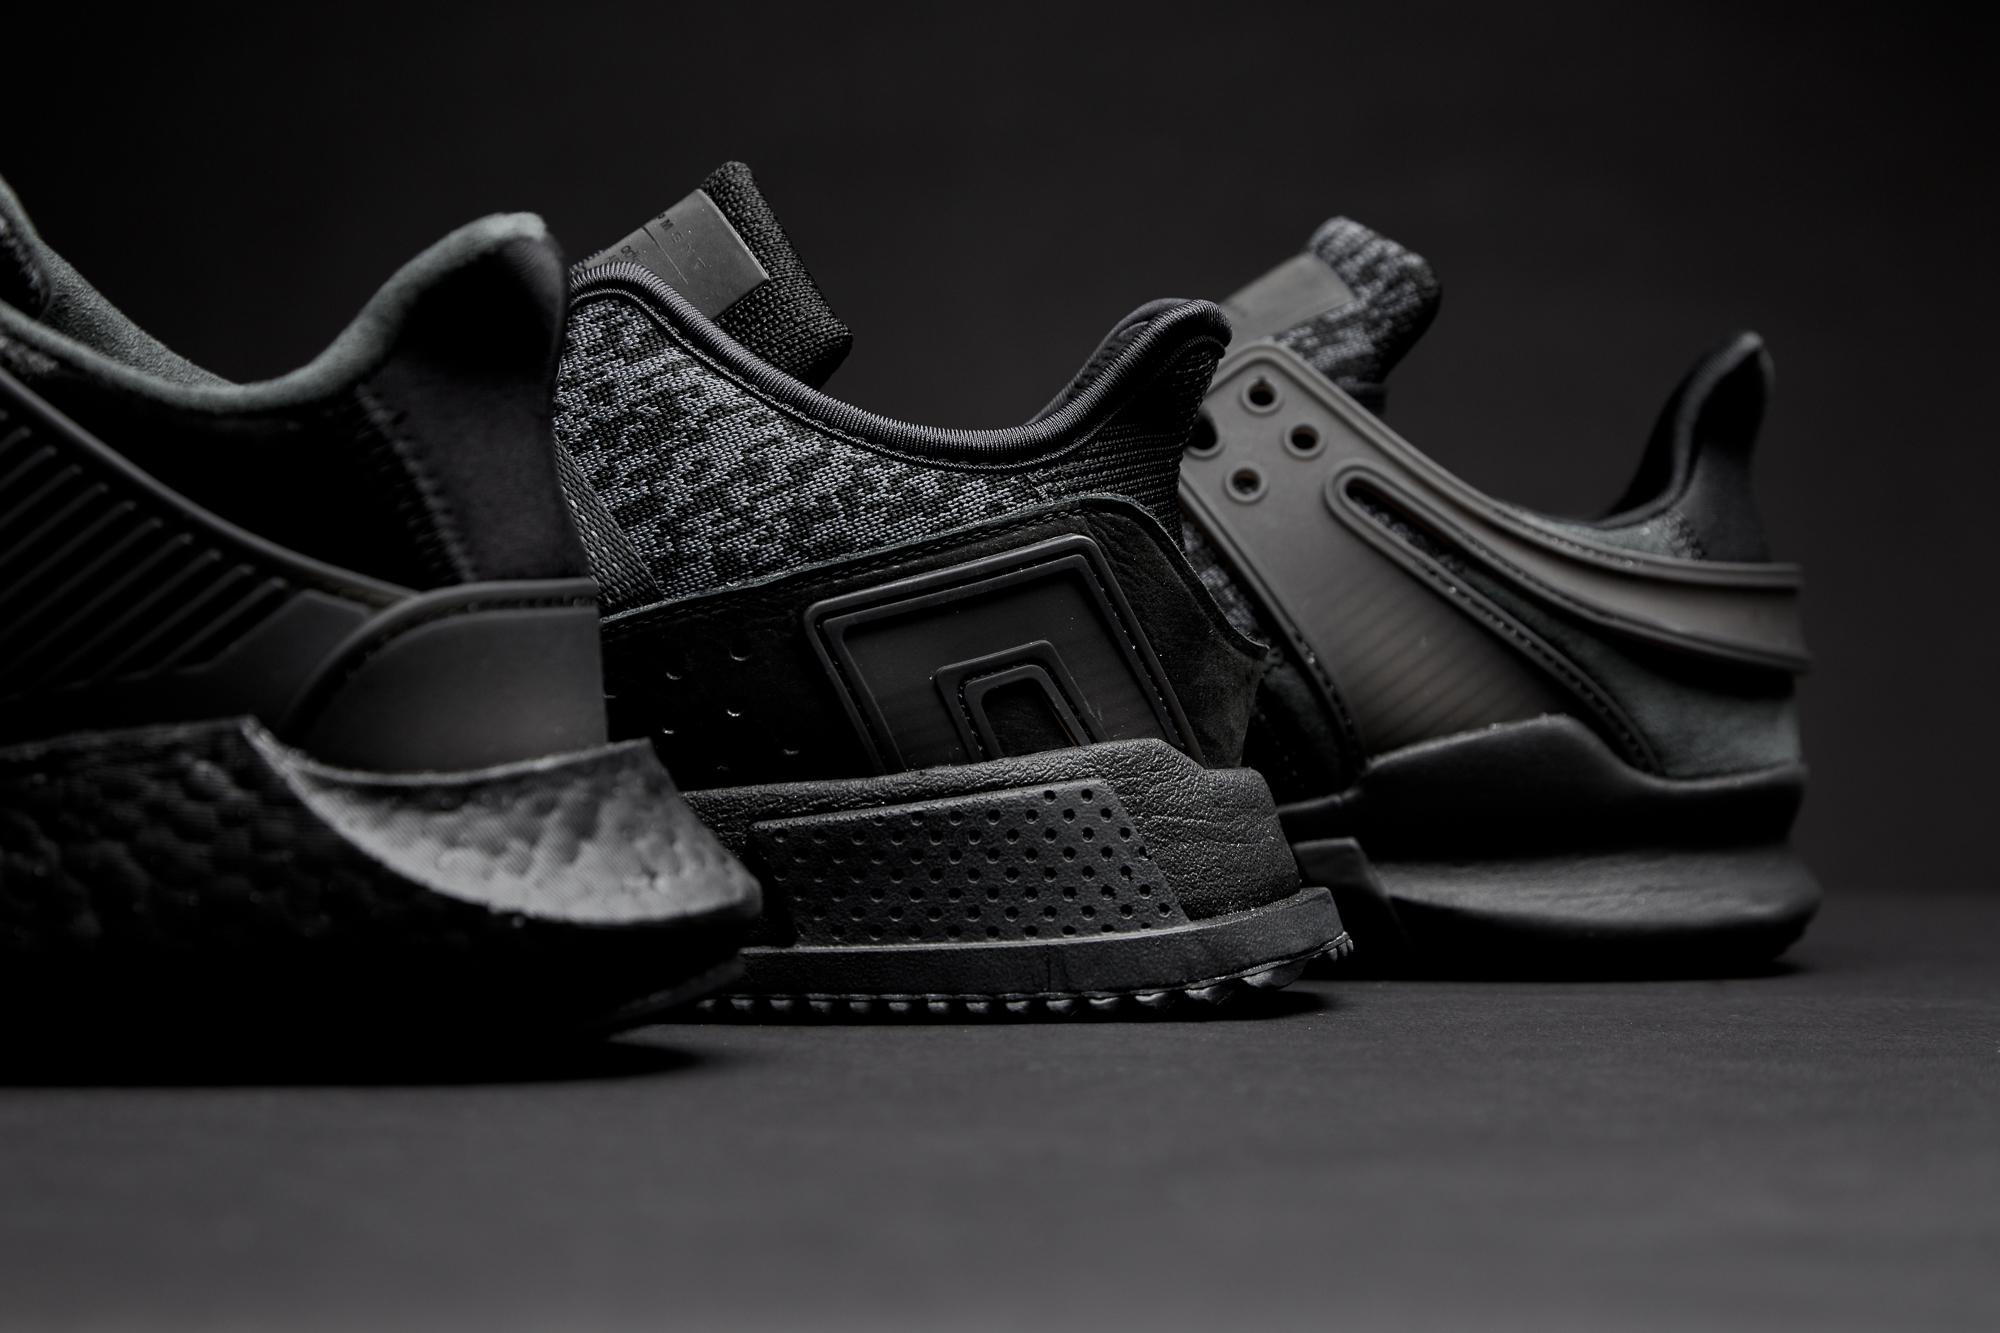 adidas Originals EQT 'Black Friday' Pack